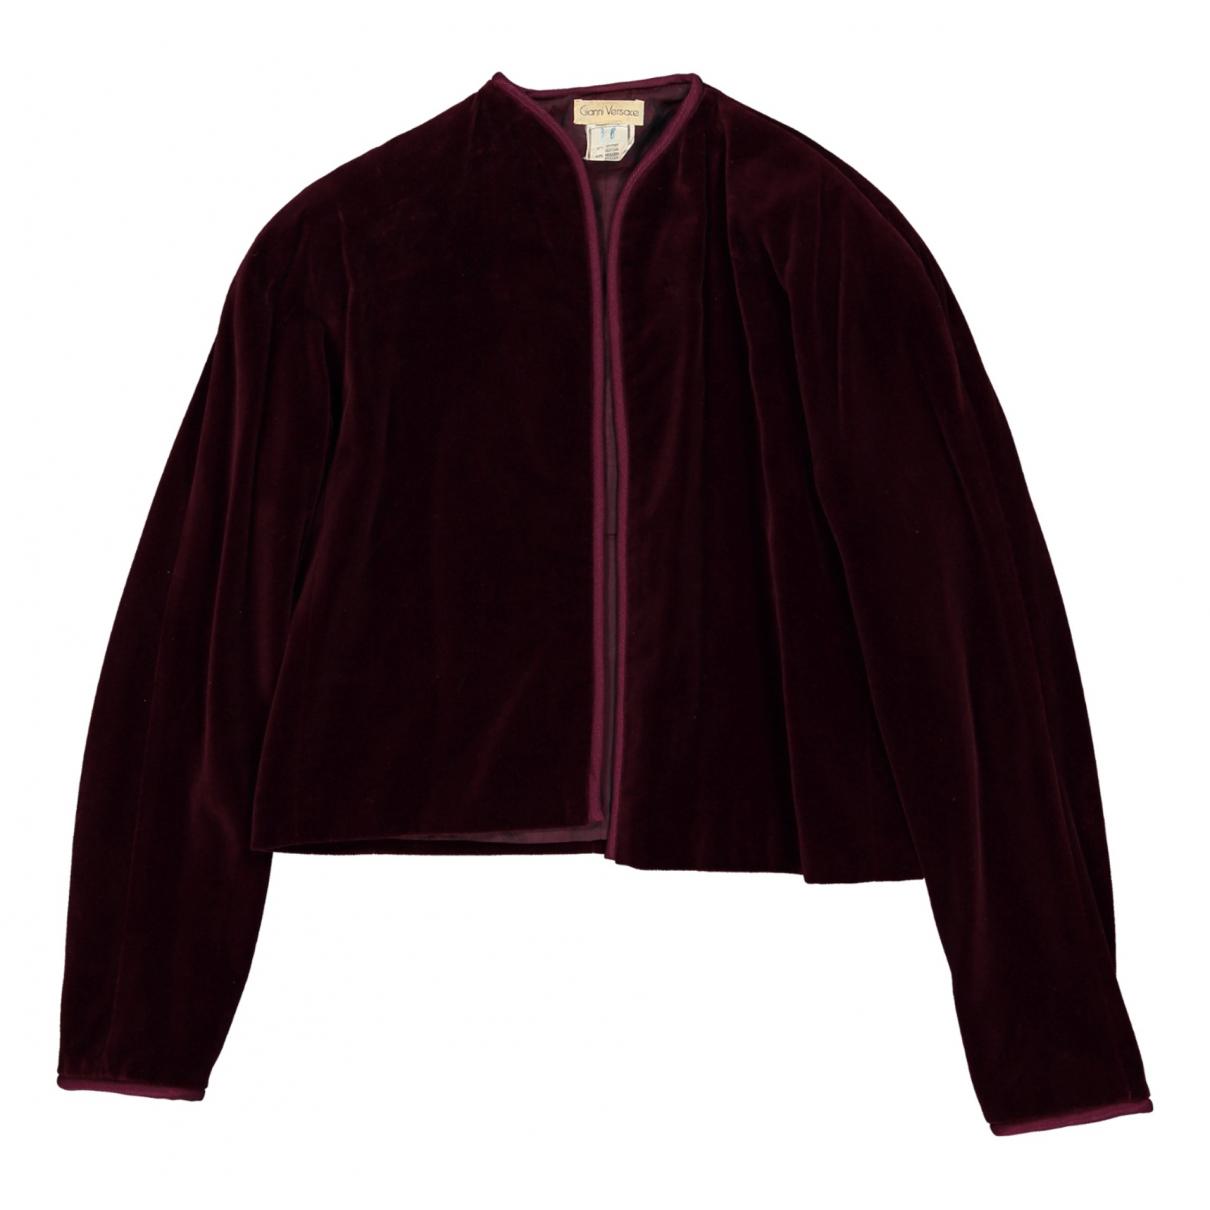 Gianni Versace - Veste   pour femme en velours - bordeaux